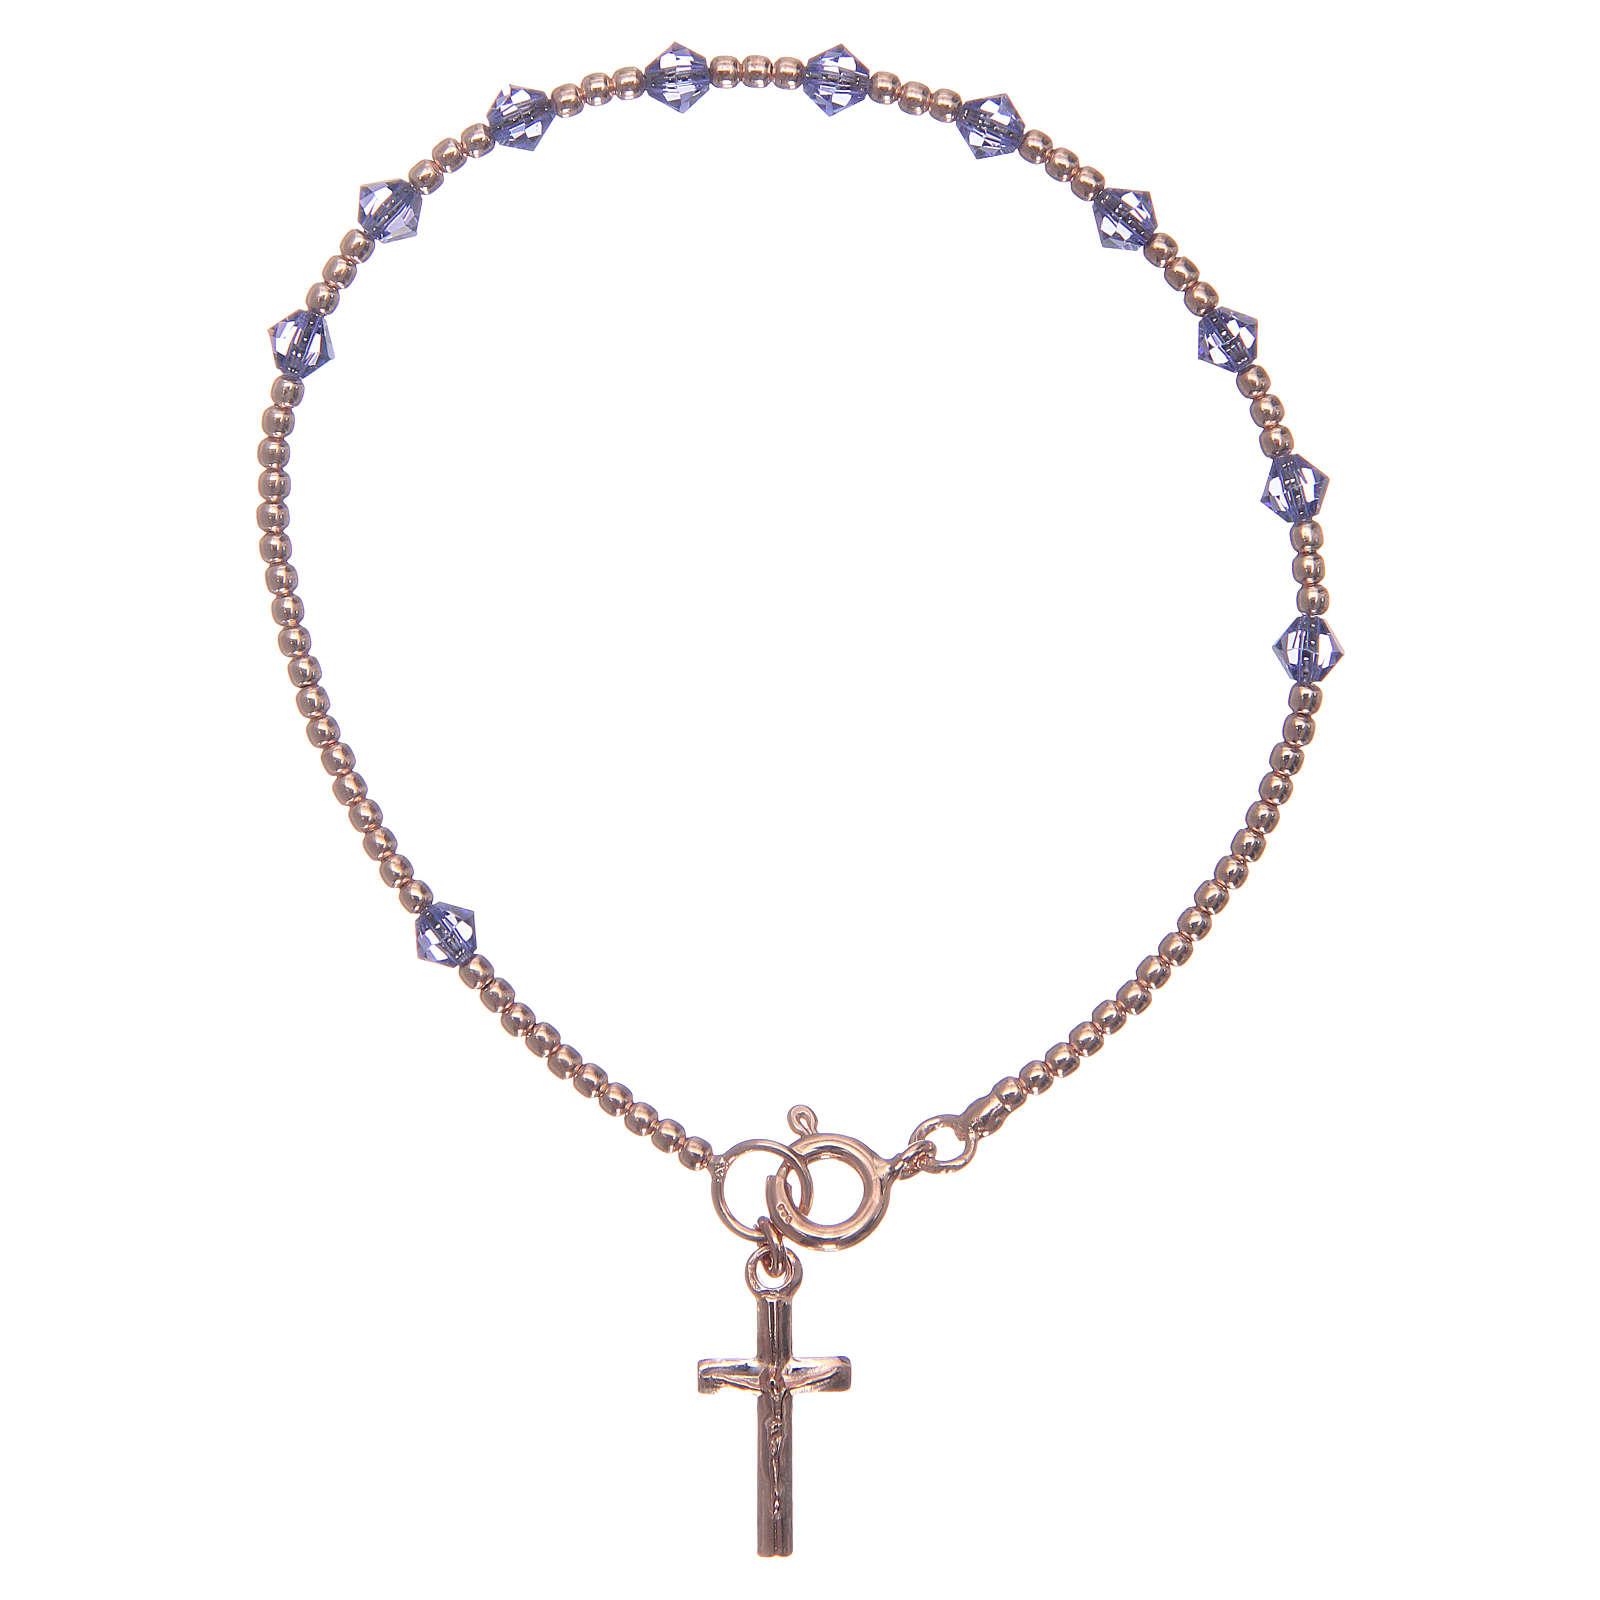 Bracciale rosario argento 925 con grani in Swarovski viola 4